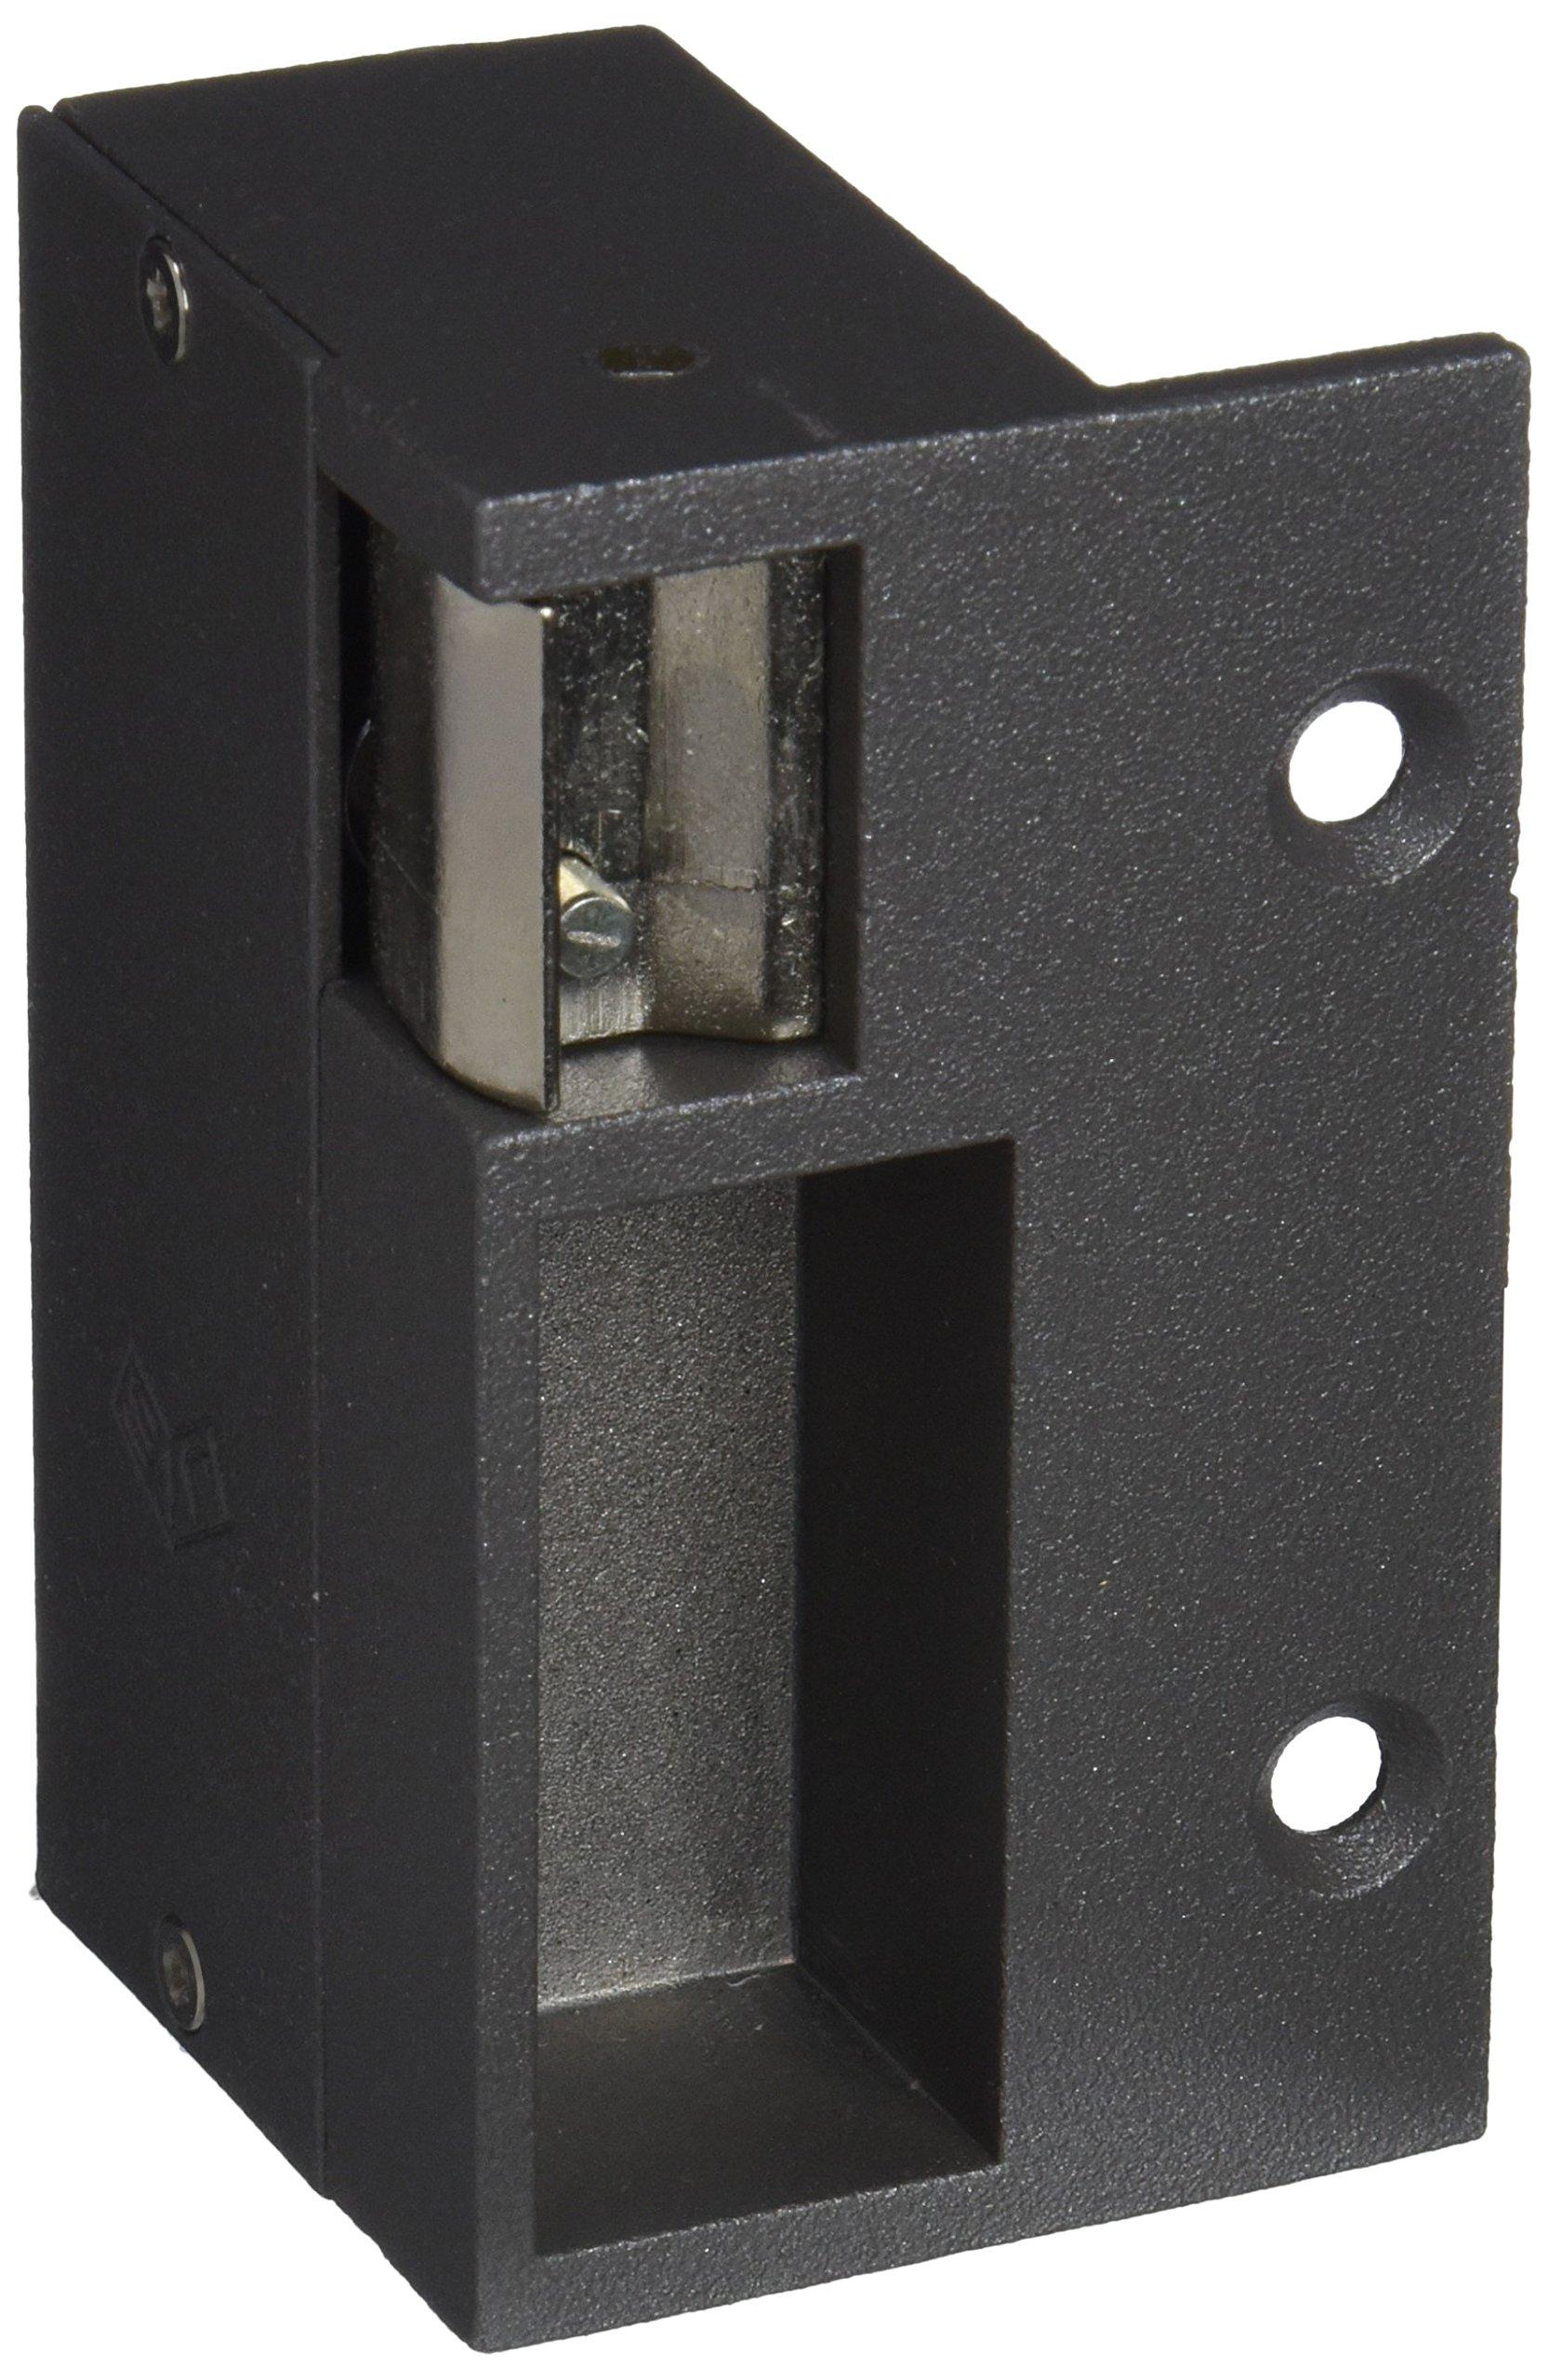 JIS 12 V 1035D - Cerradura izquierda sobreponer, color gris: Amazon.es: Bricolaje y herramientas